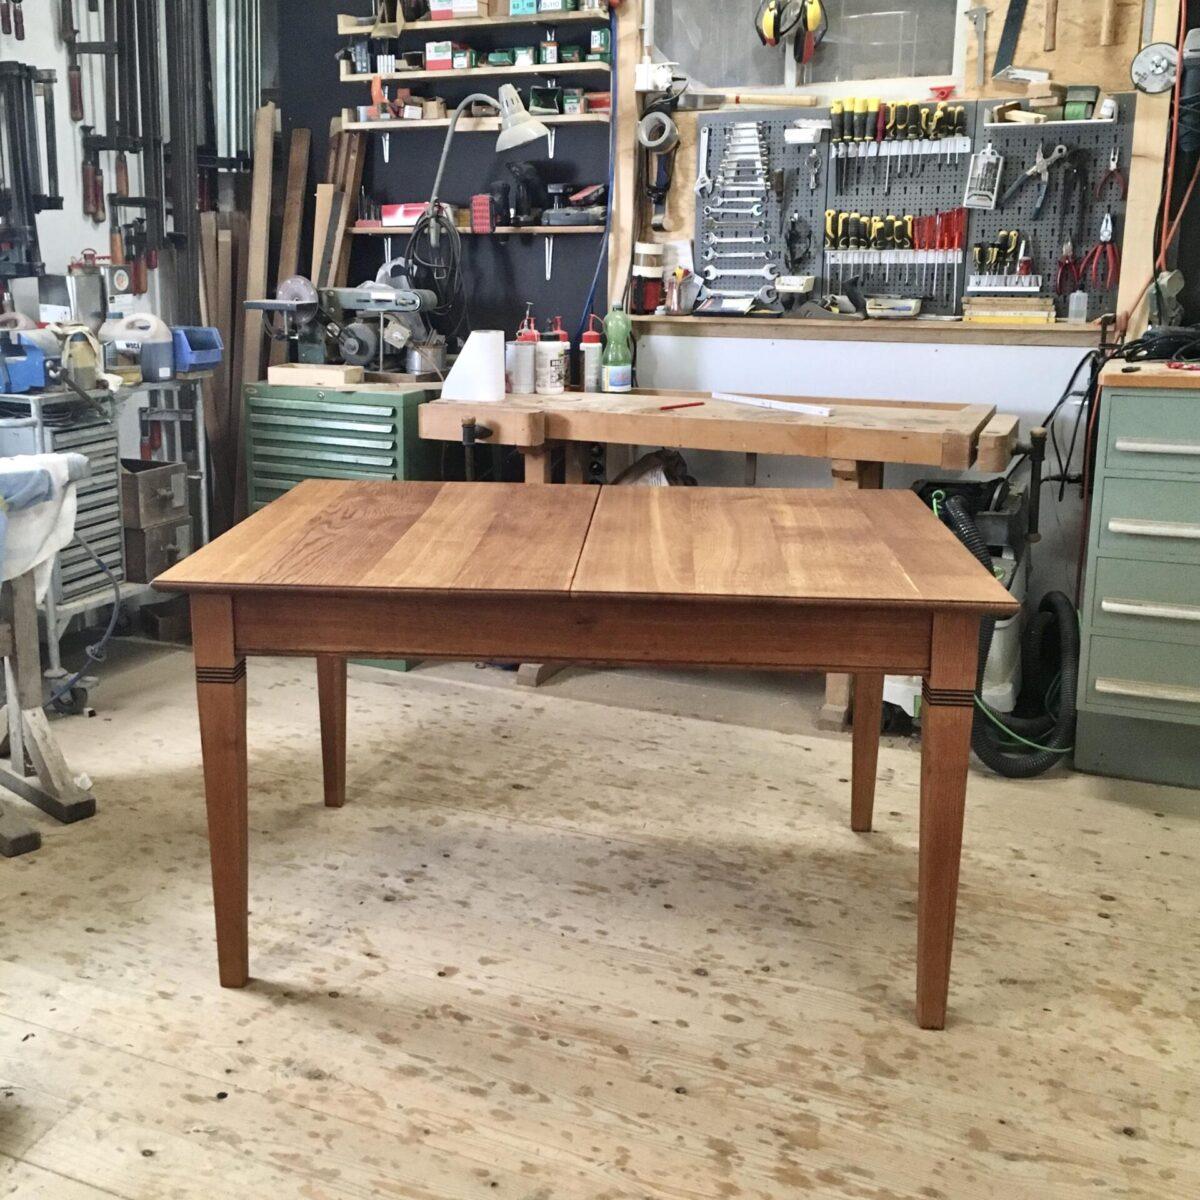 Massivholz Eichen Tisch 226cm ausgezogen mal 100cm höhe 76cm. Die Verlängerungselemente sind je 44cm, und können praktisch im Bauch des Tisches eingeklappt werden. Die kleinste Variante ist 138cm mal 100cm.